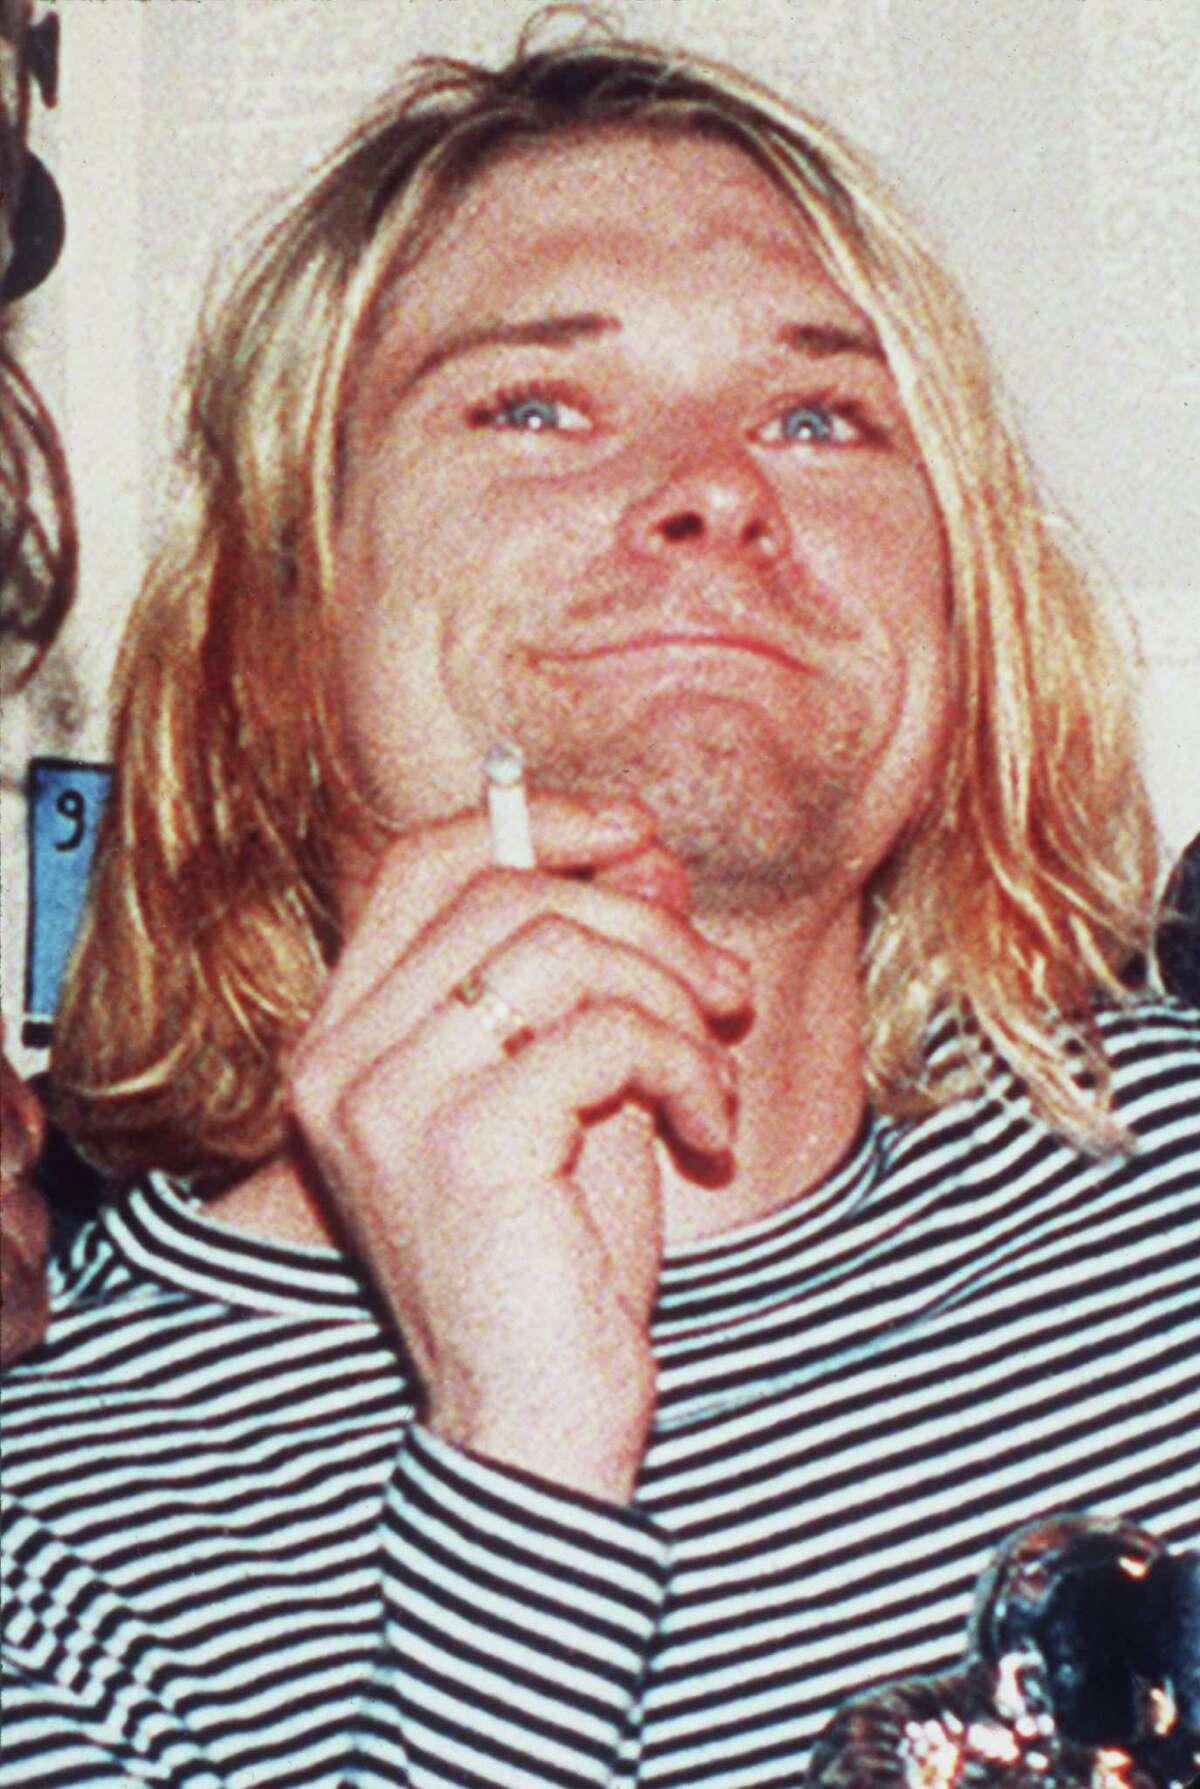 Kurt Cobain, pictrued in 1993.